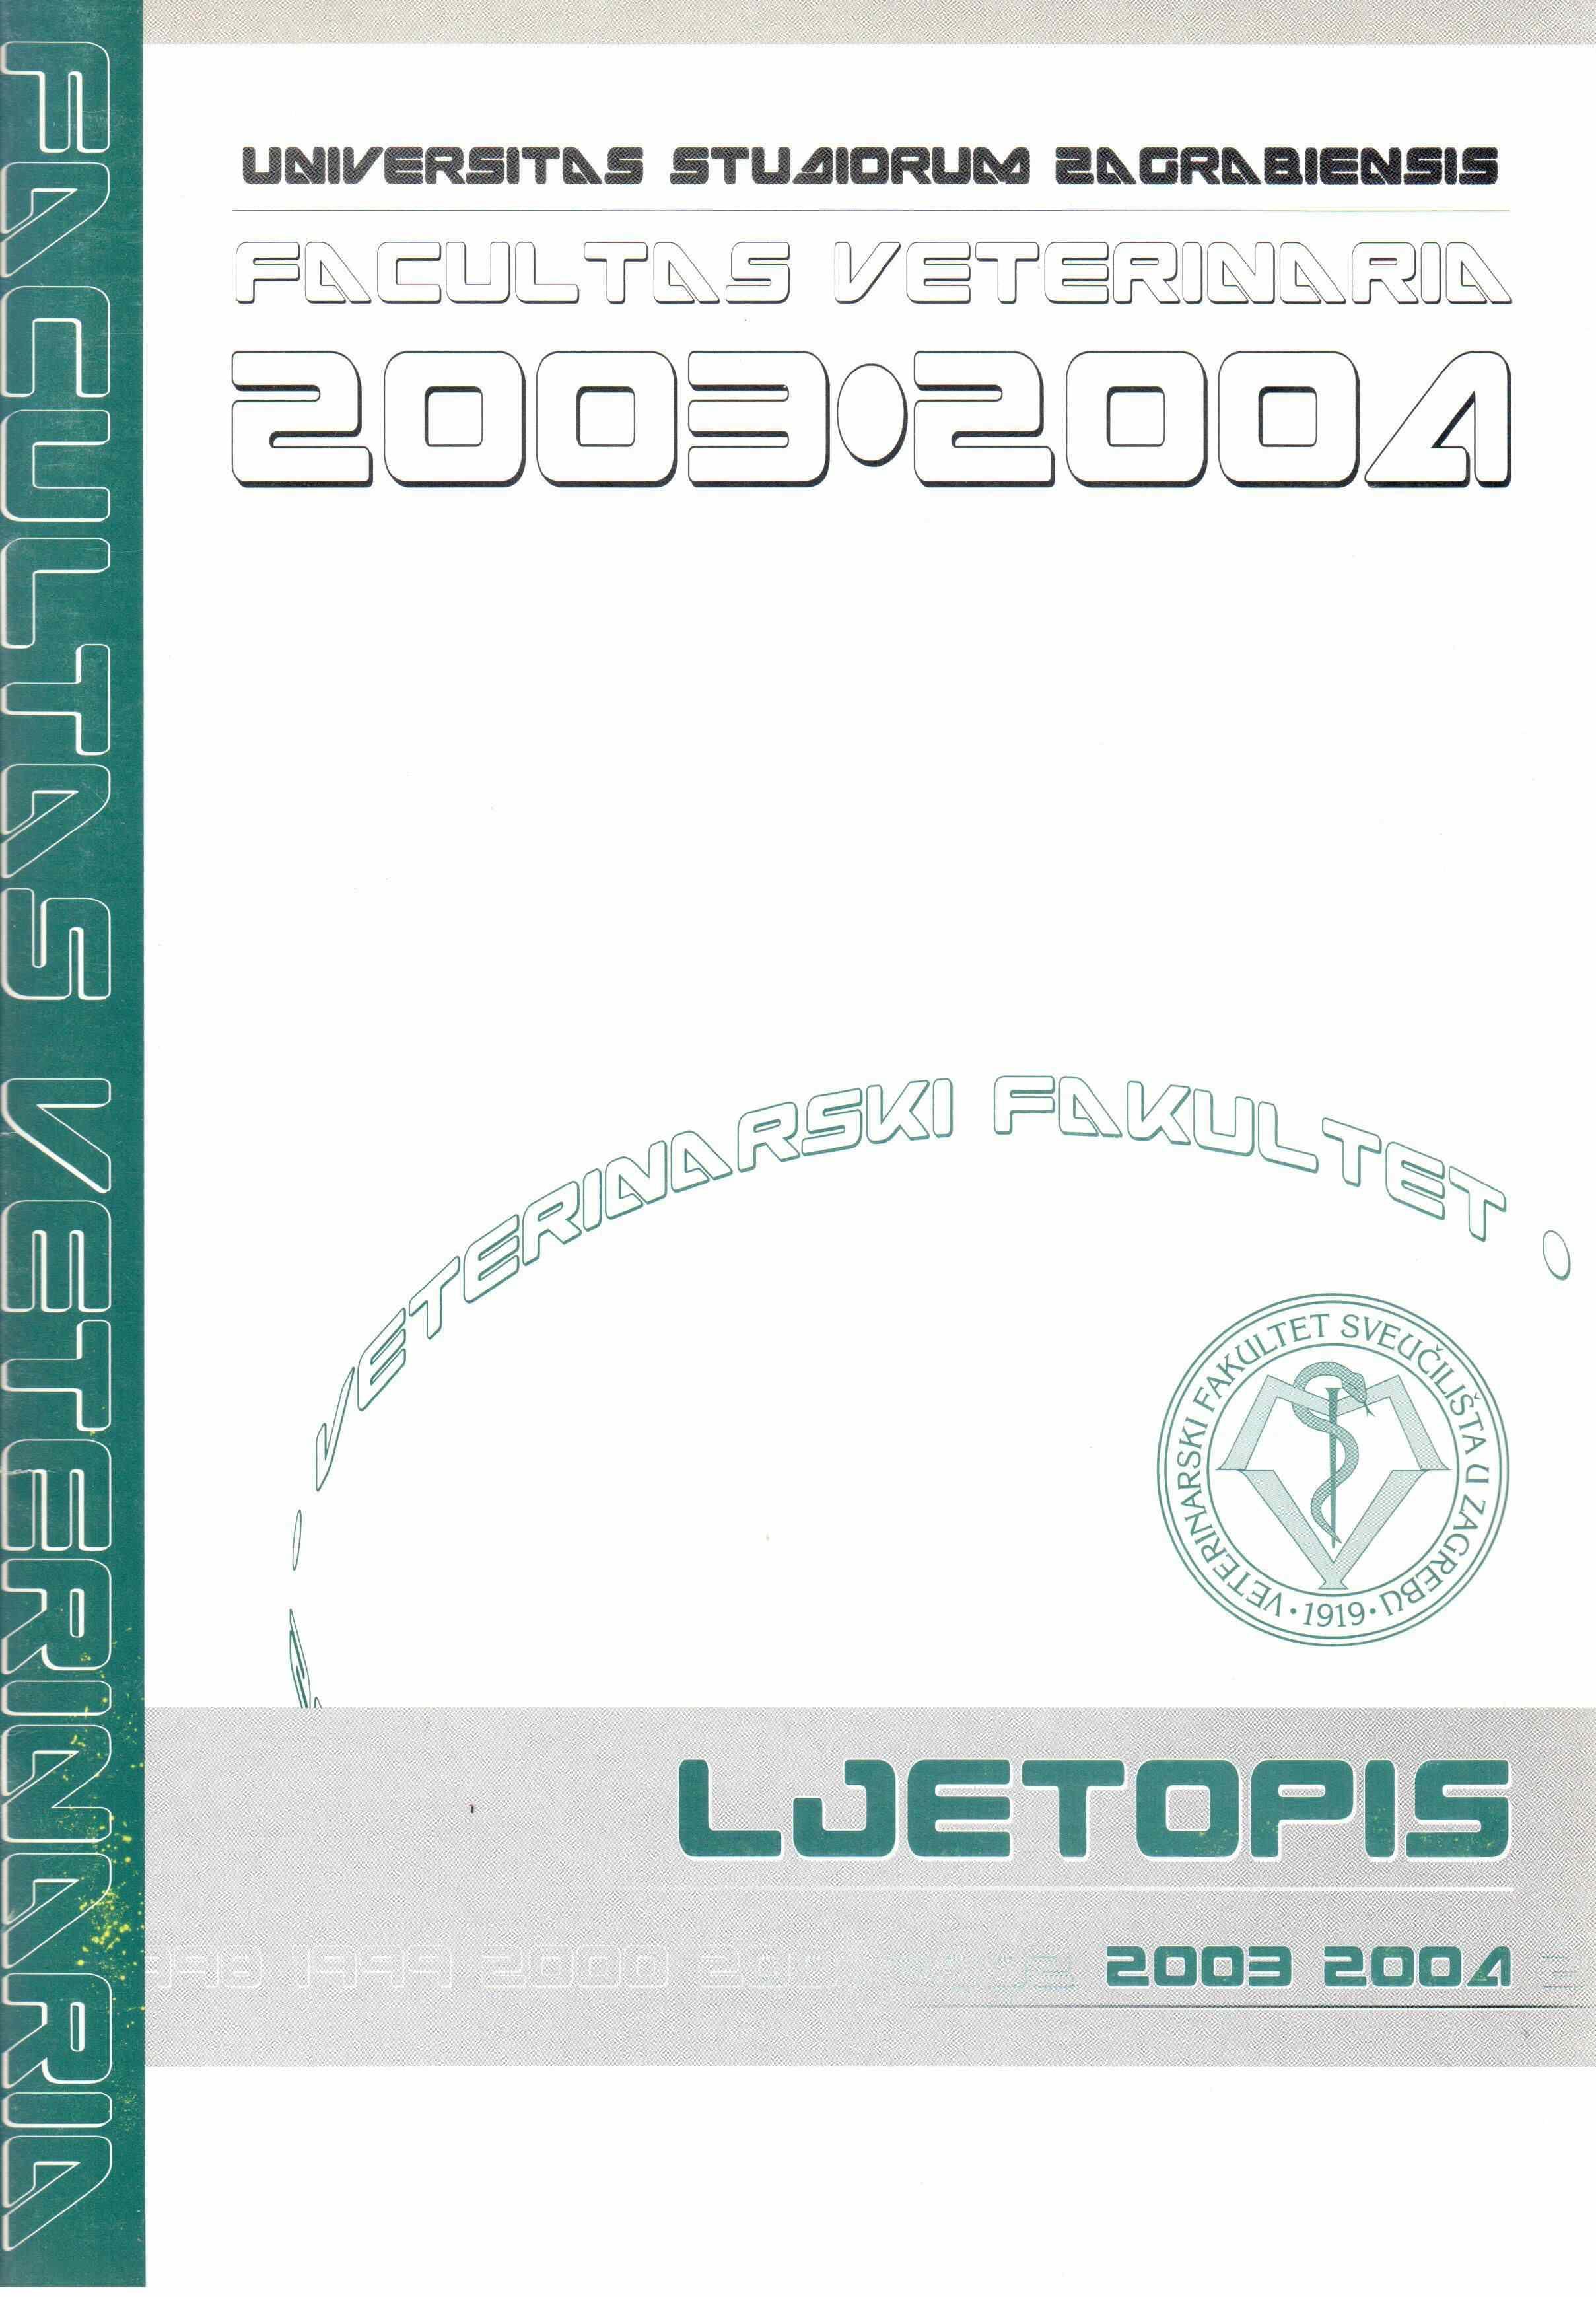 Ljetopis 2003-2004